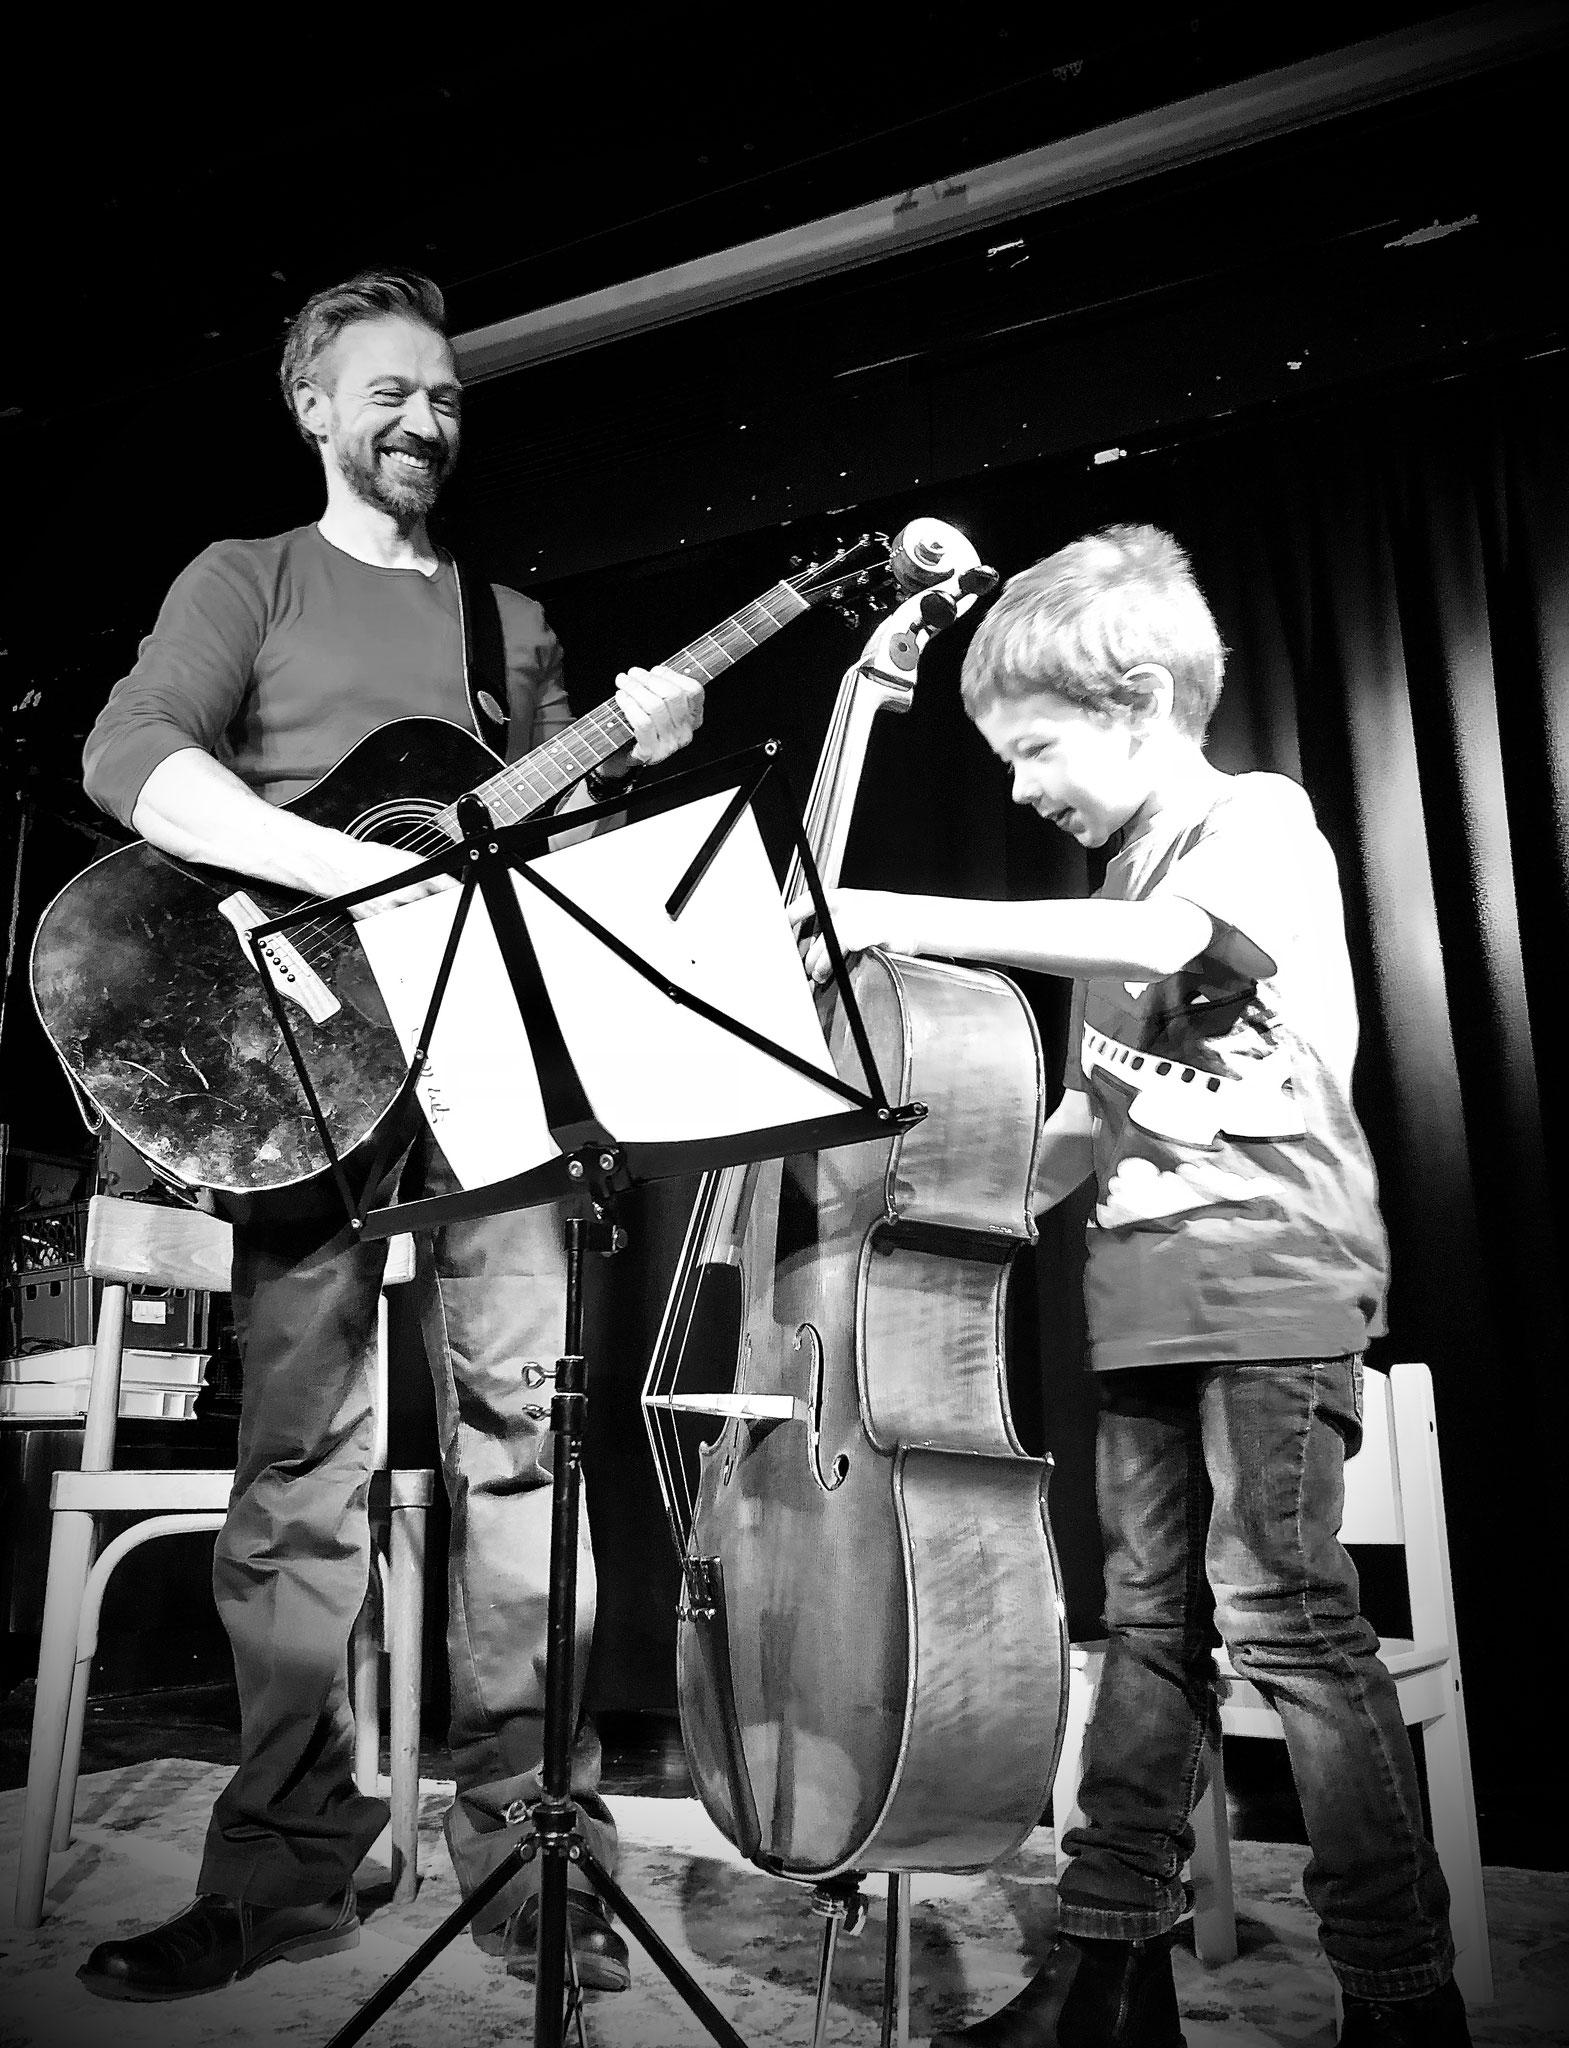 Père et fils apprennent la musique ensemble